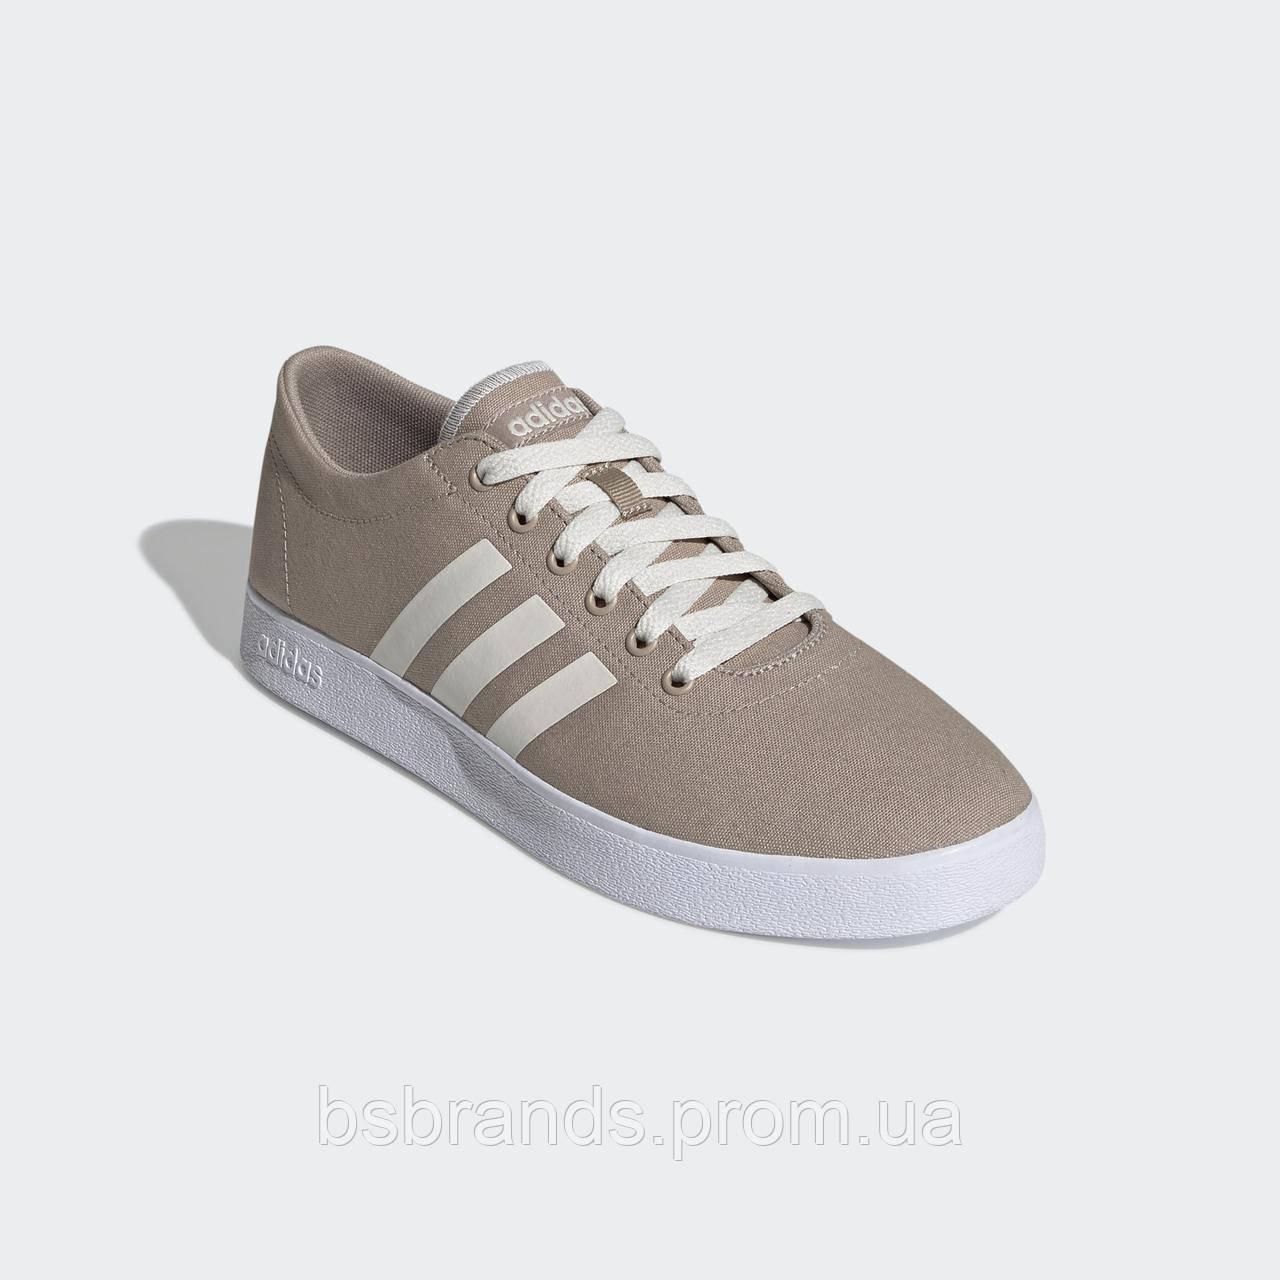 Мужские кроссовки adidas EASY VULC 2.0 EE6782